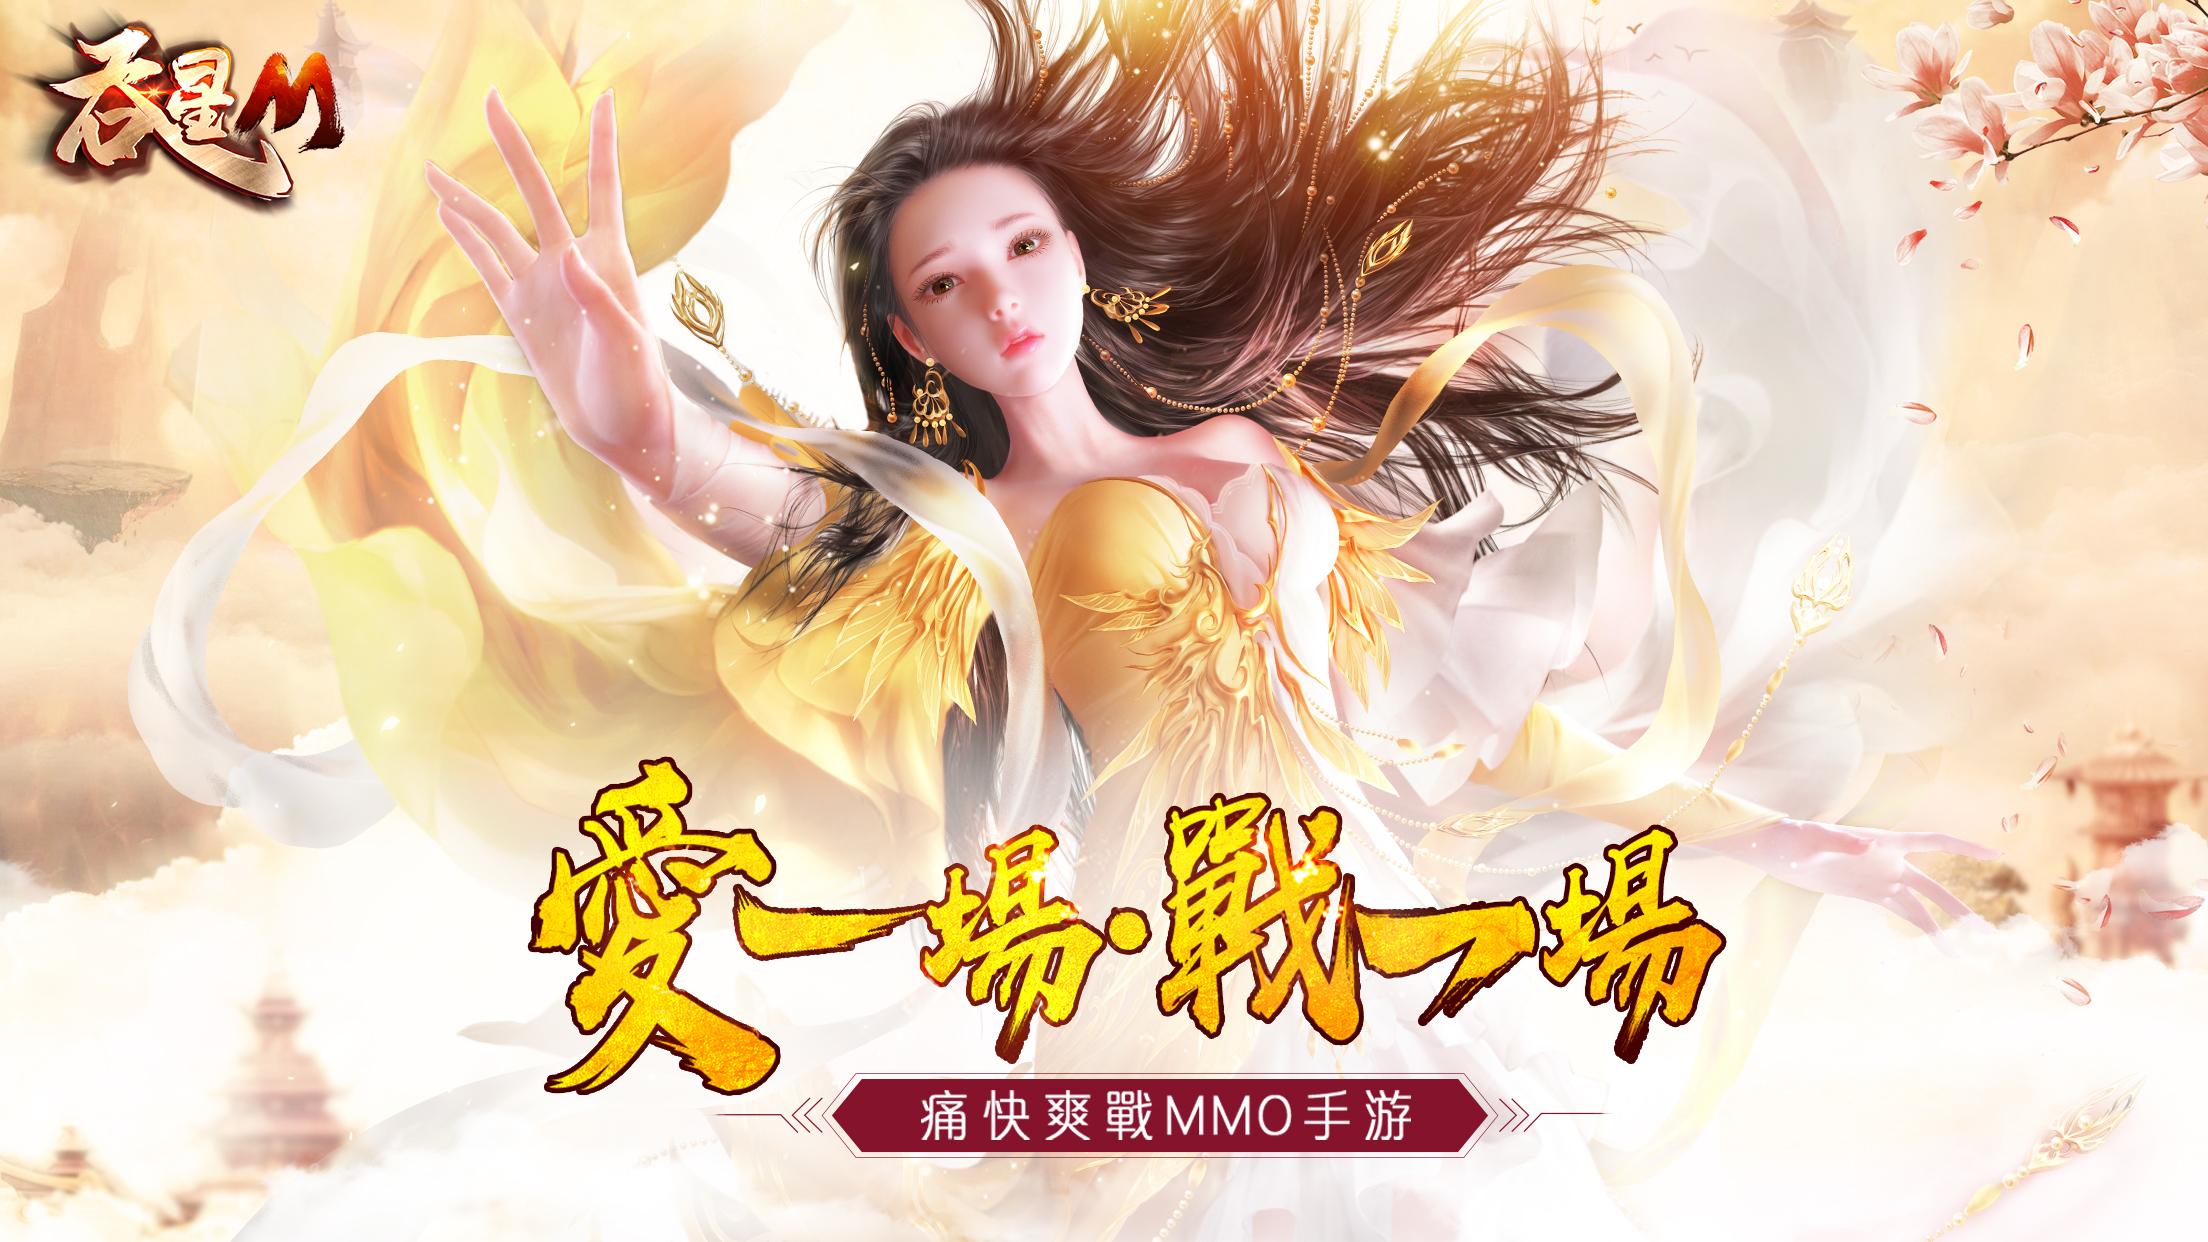 震感仙俠MMO手游《吞星M》 電影級特效場景, 雙平台六月九日正式上線!